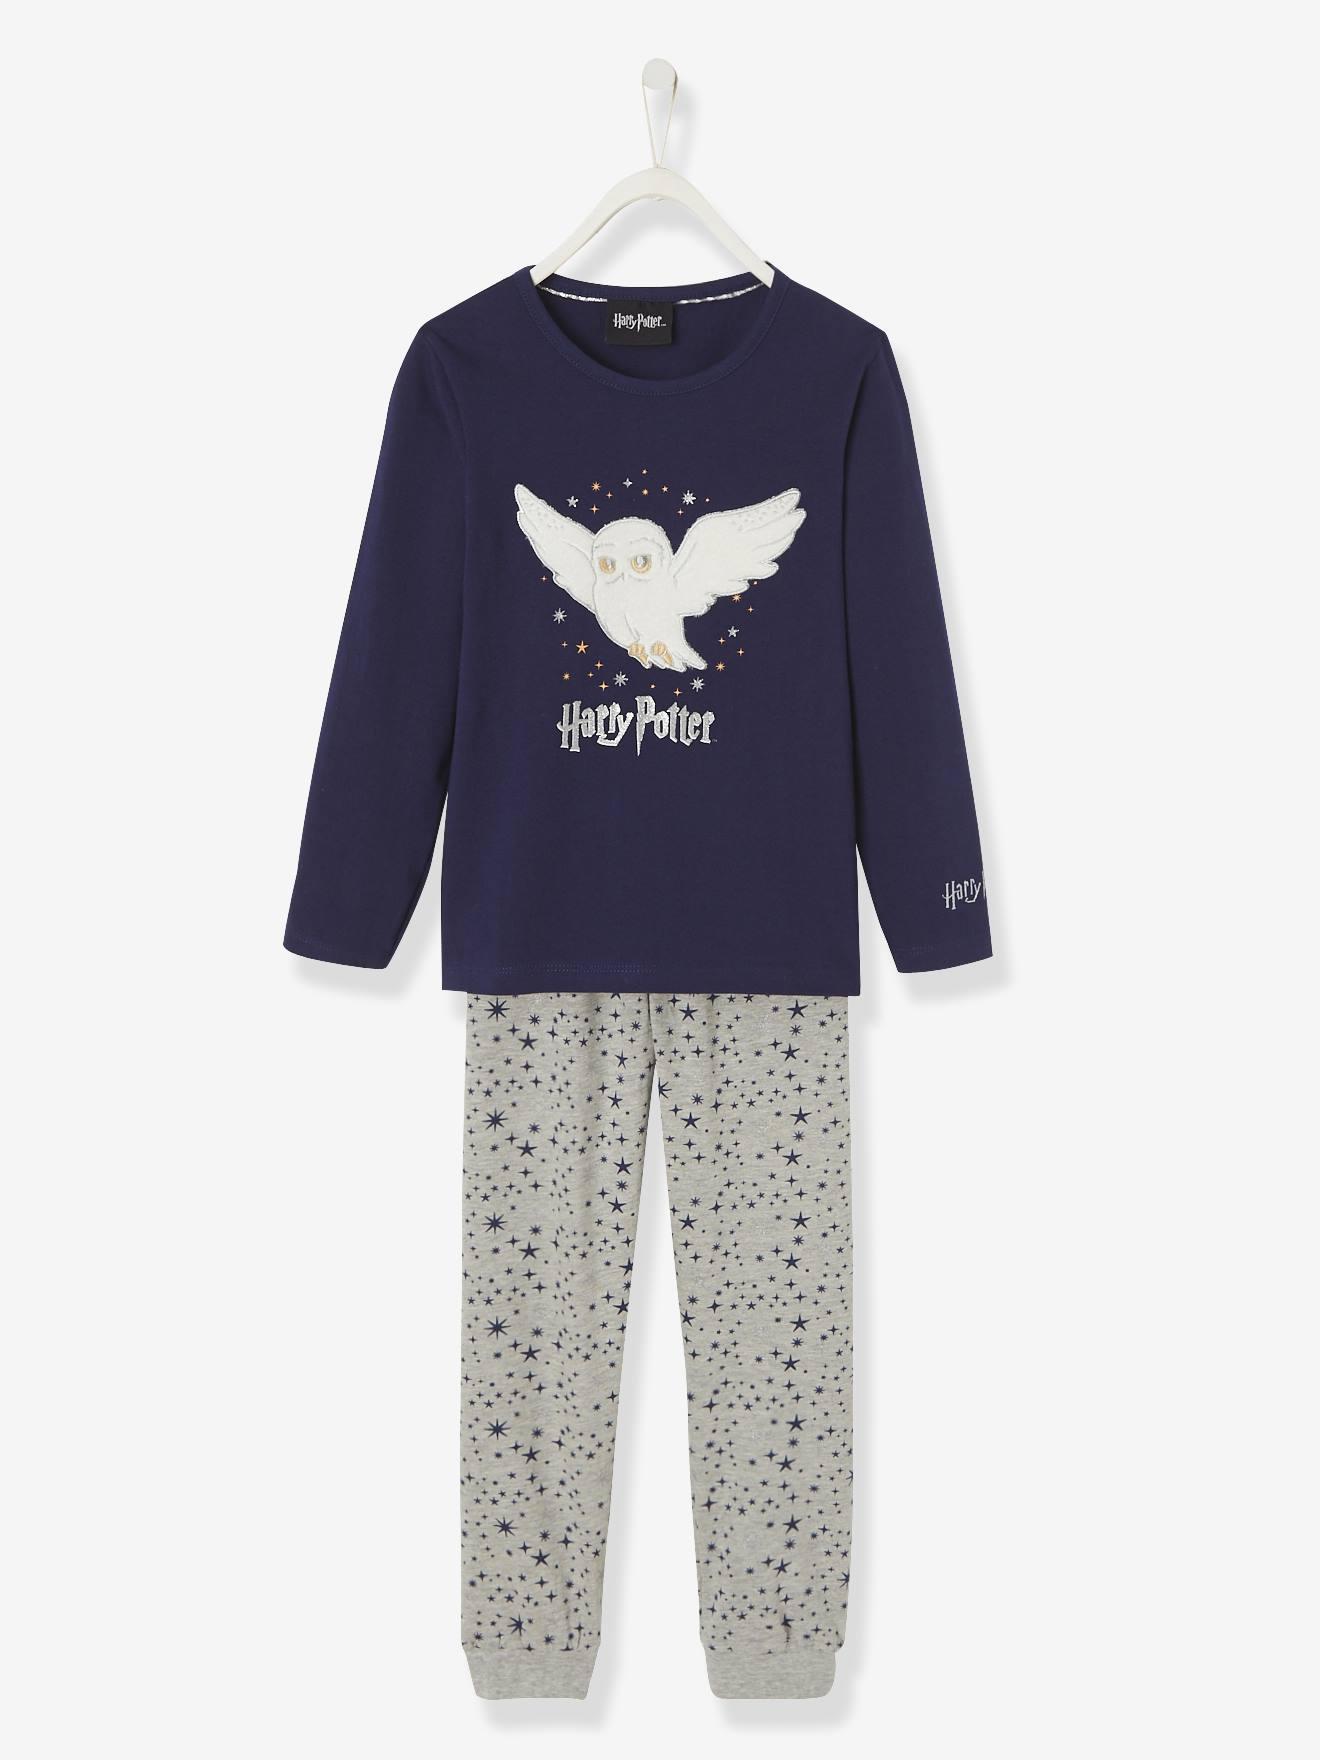 lindos zapatos bueno nueva colección Harry Potter® Pyjamas, for Boys - blue dark solid with design, Girls |  Vertbaudet